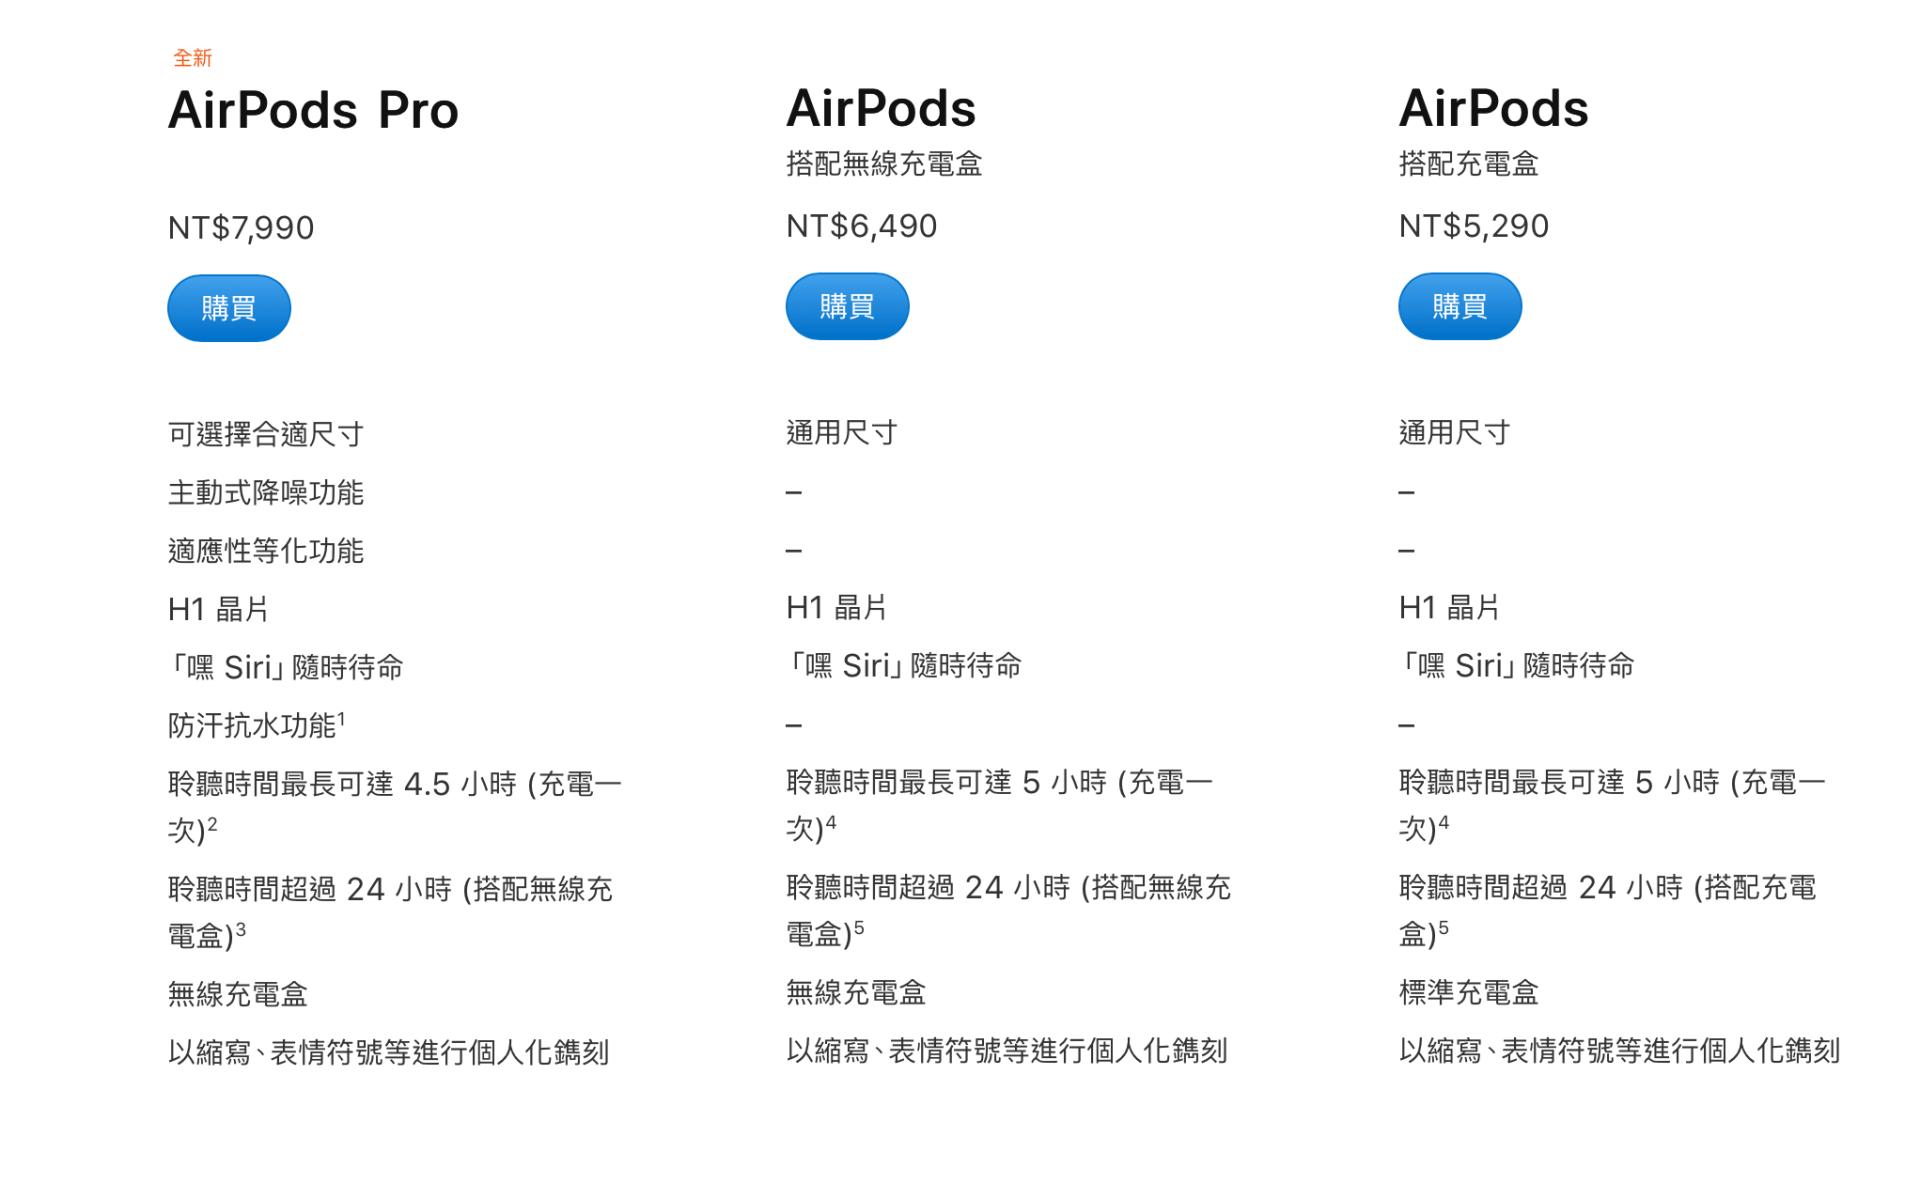 【開箱】AirPods Pro值得入手嗎?AirPods和AirPods Pro比較